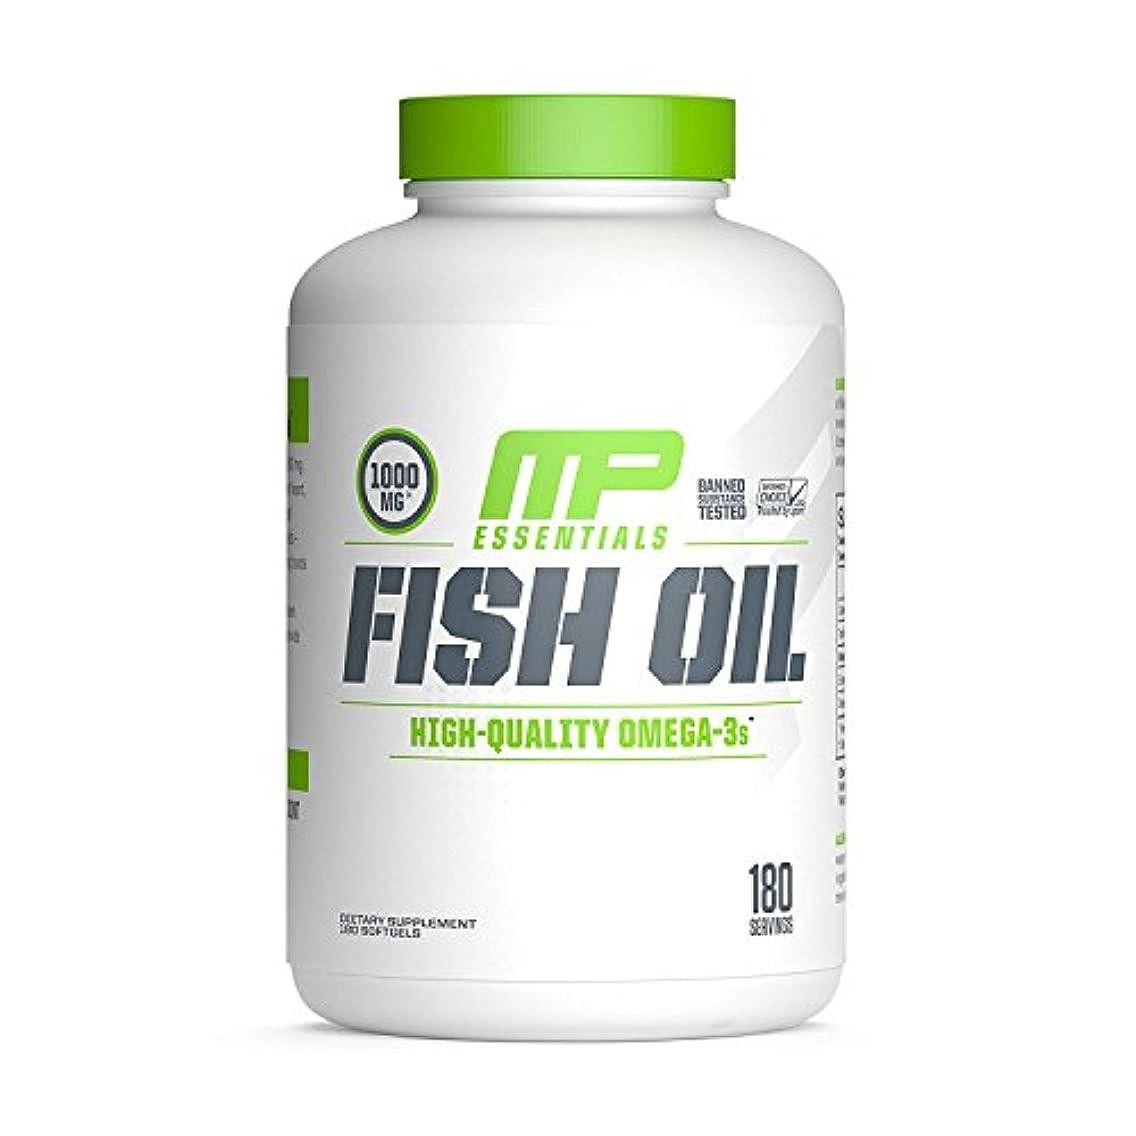 言及する肥沃なエンジニア海外直送品 MusclePharm, Fish Oil Essentials 180 Servings [並行輸入品]